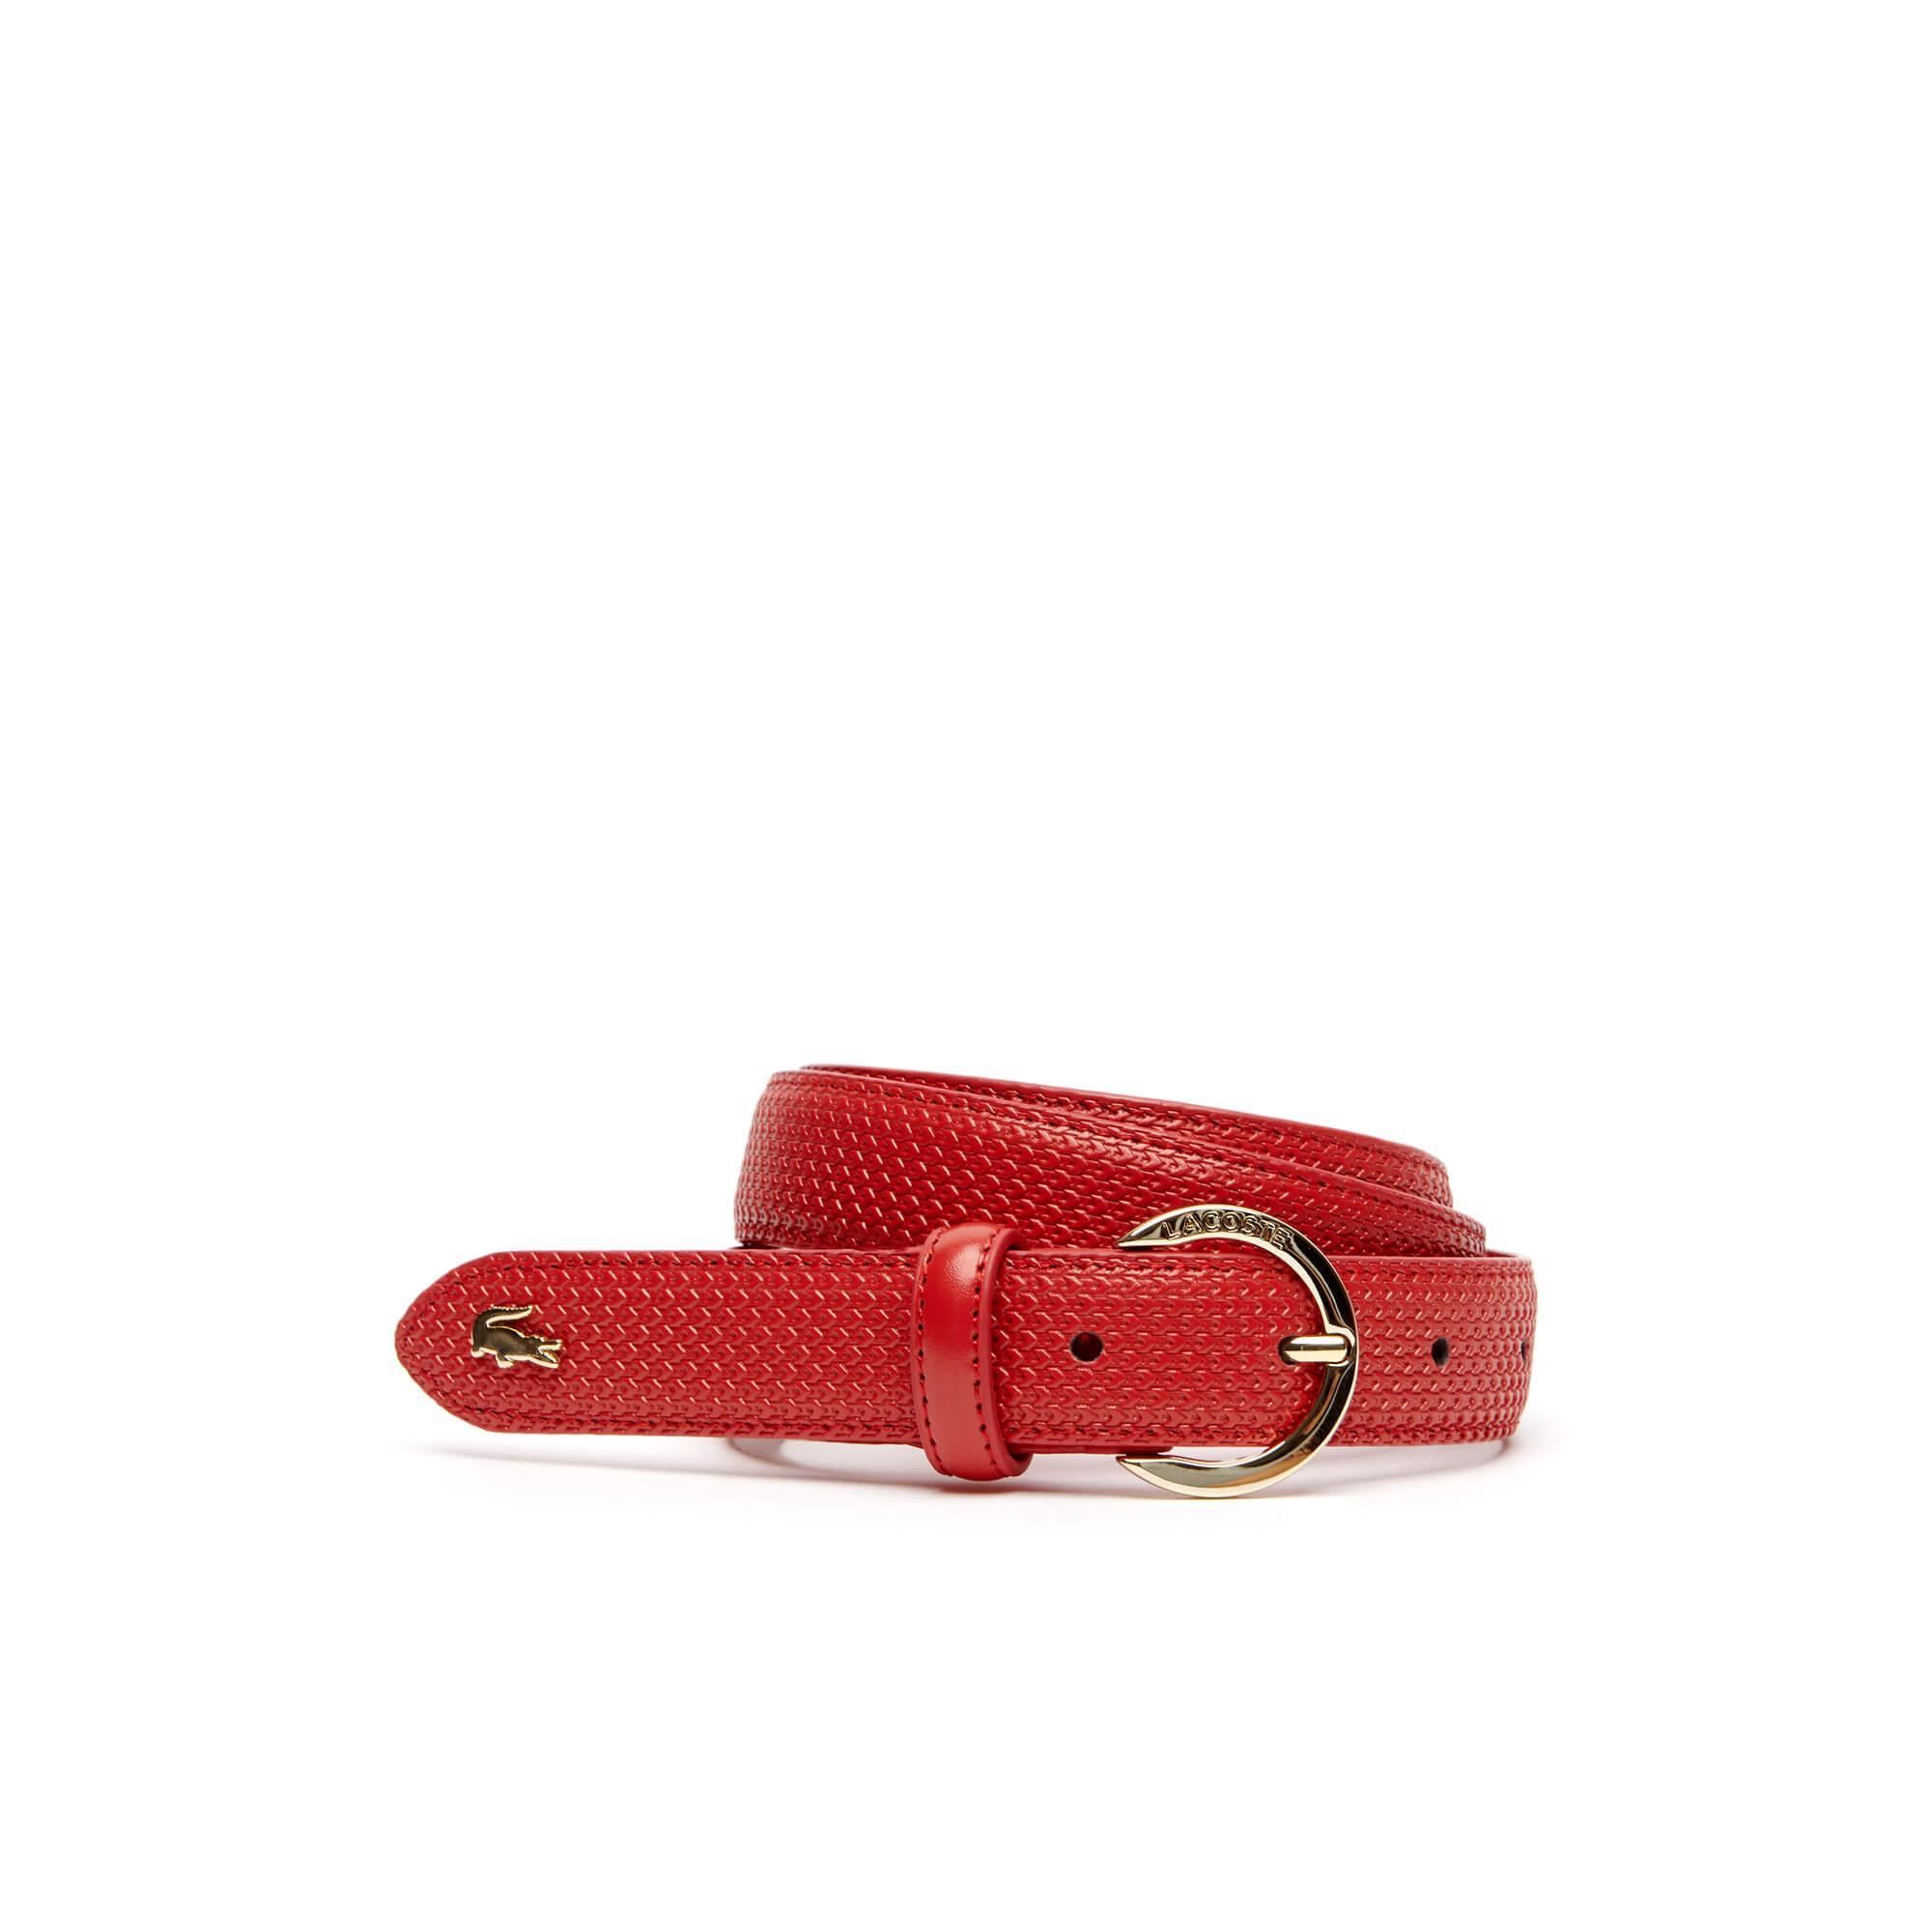 Lacoste Chantaco Kadın Kırmızı Kemer